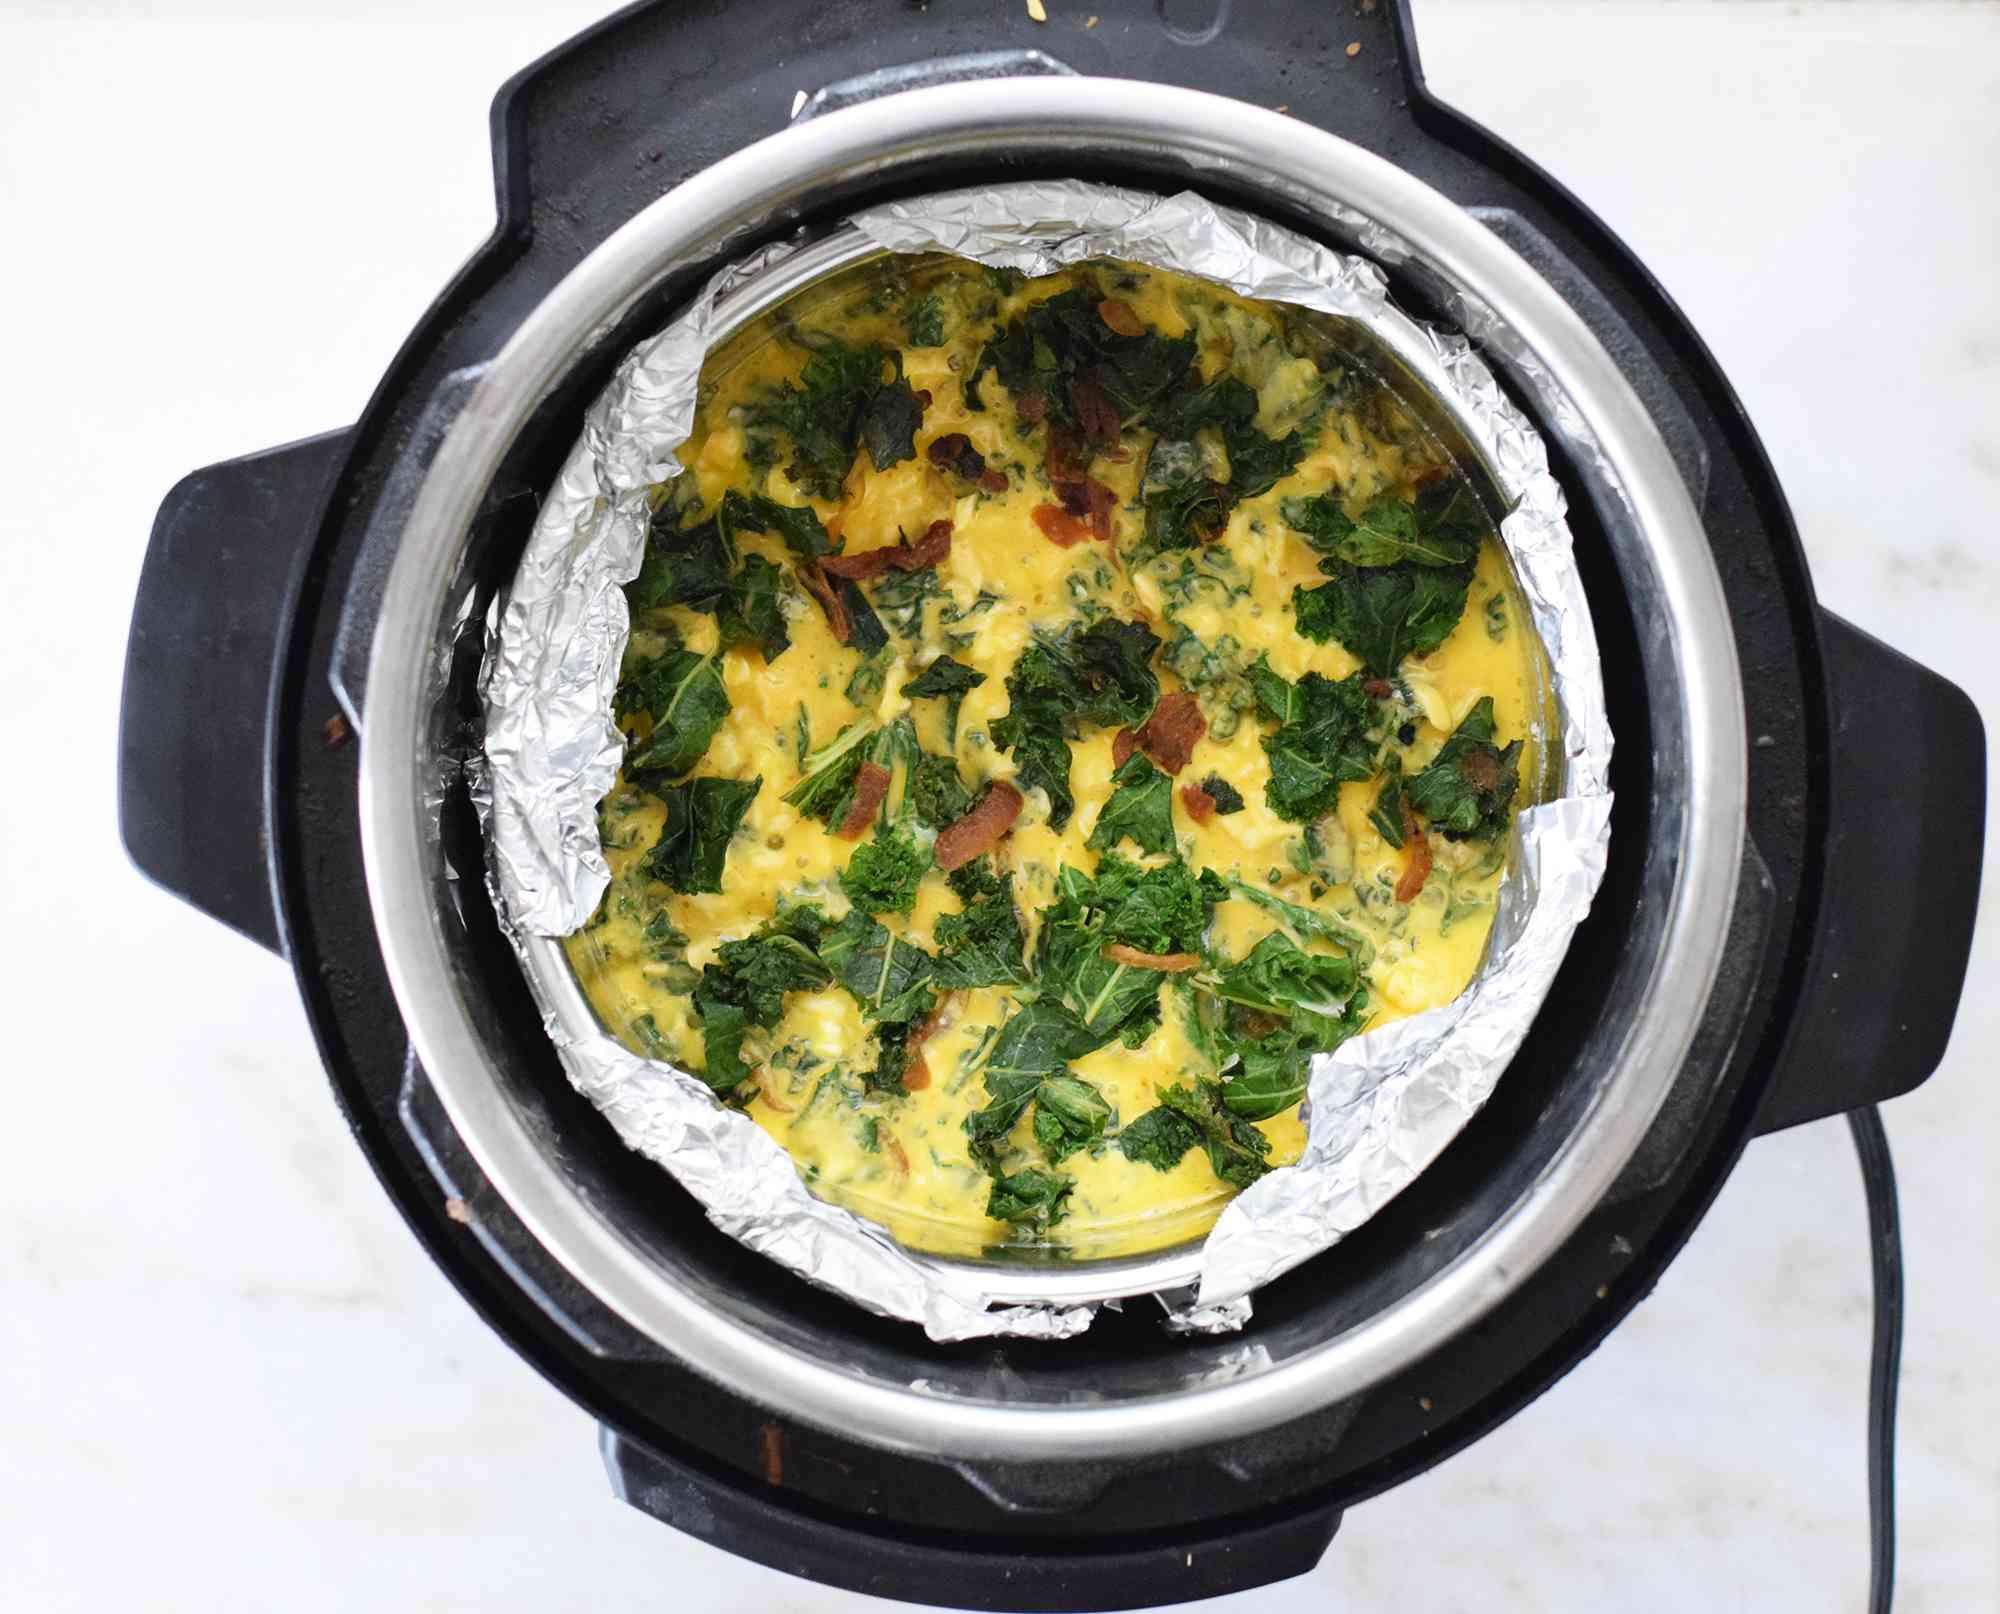 quiche inside instant pot